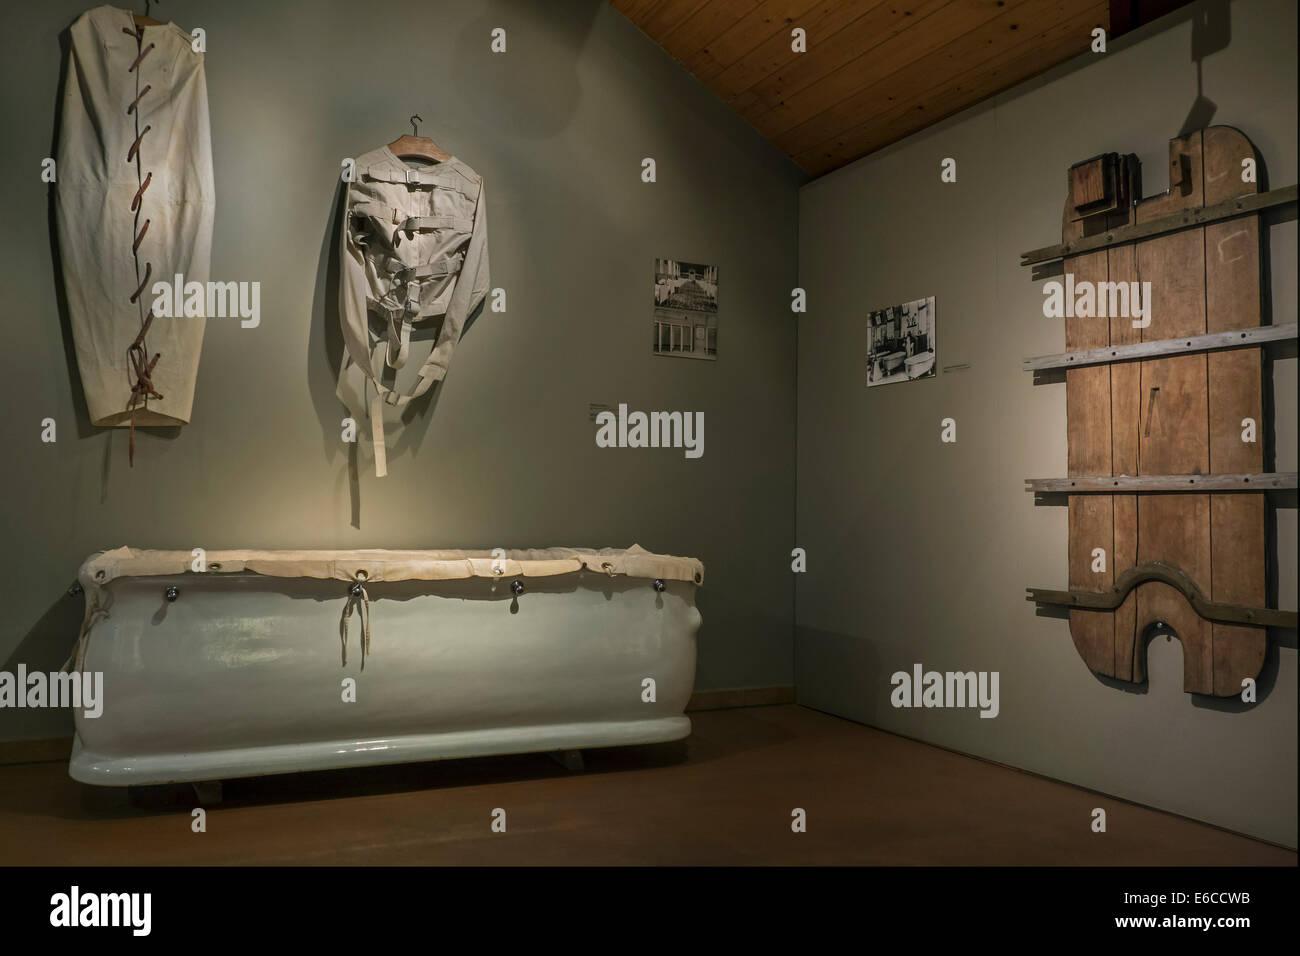 Badewanne und Zwangsjacke / Zwangsjacke verwendet, um ein Patient zurückhalten während Bad Theraphy, Dr. Stockbild